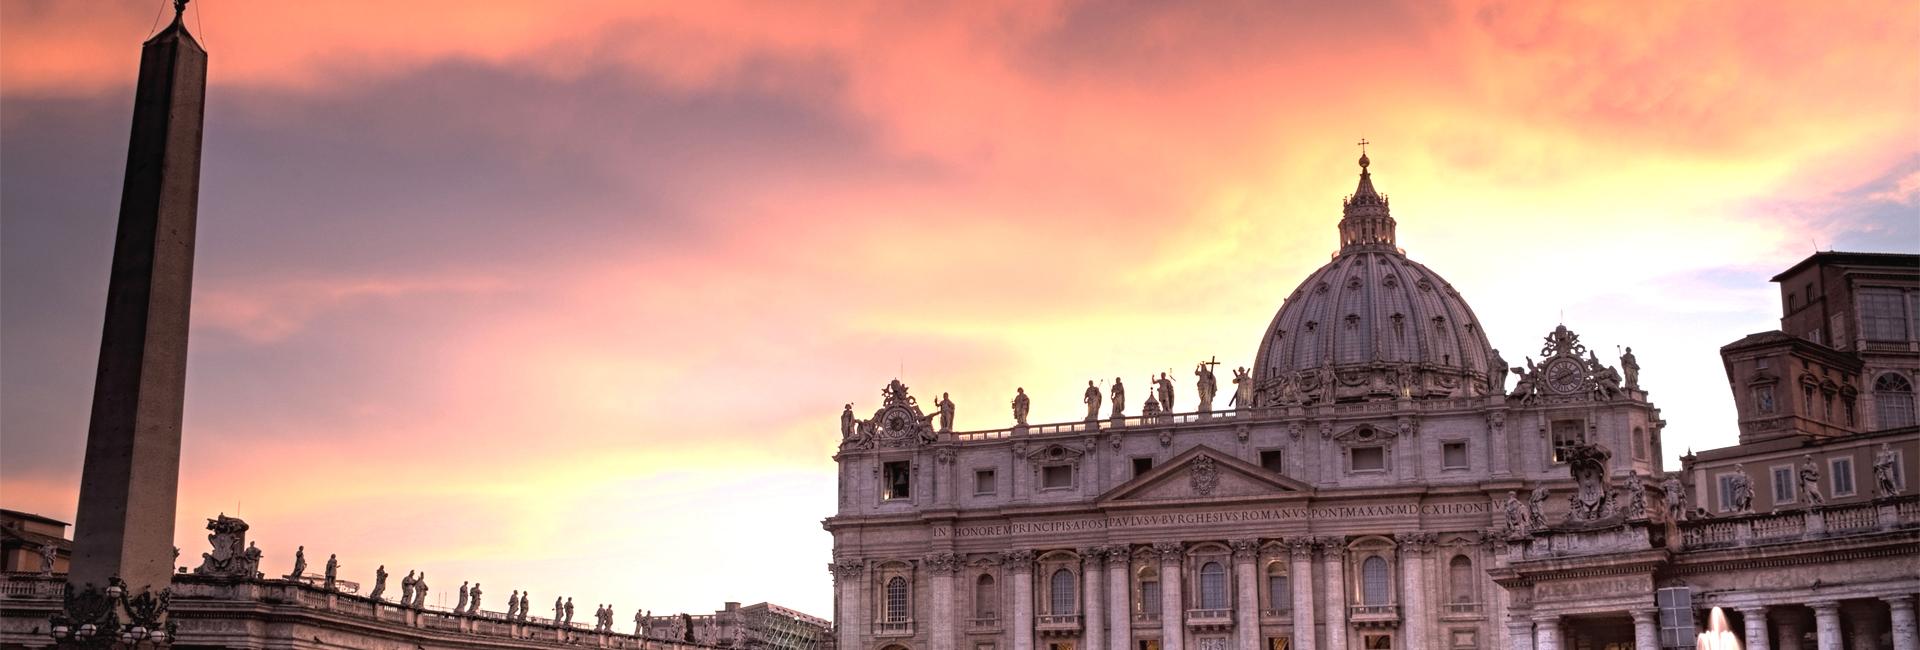 רומא עיר הנצח